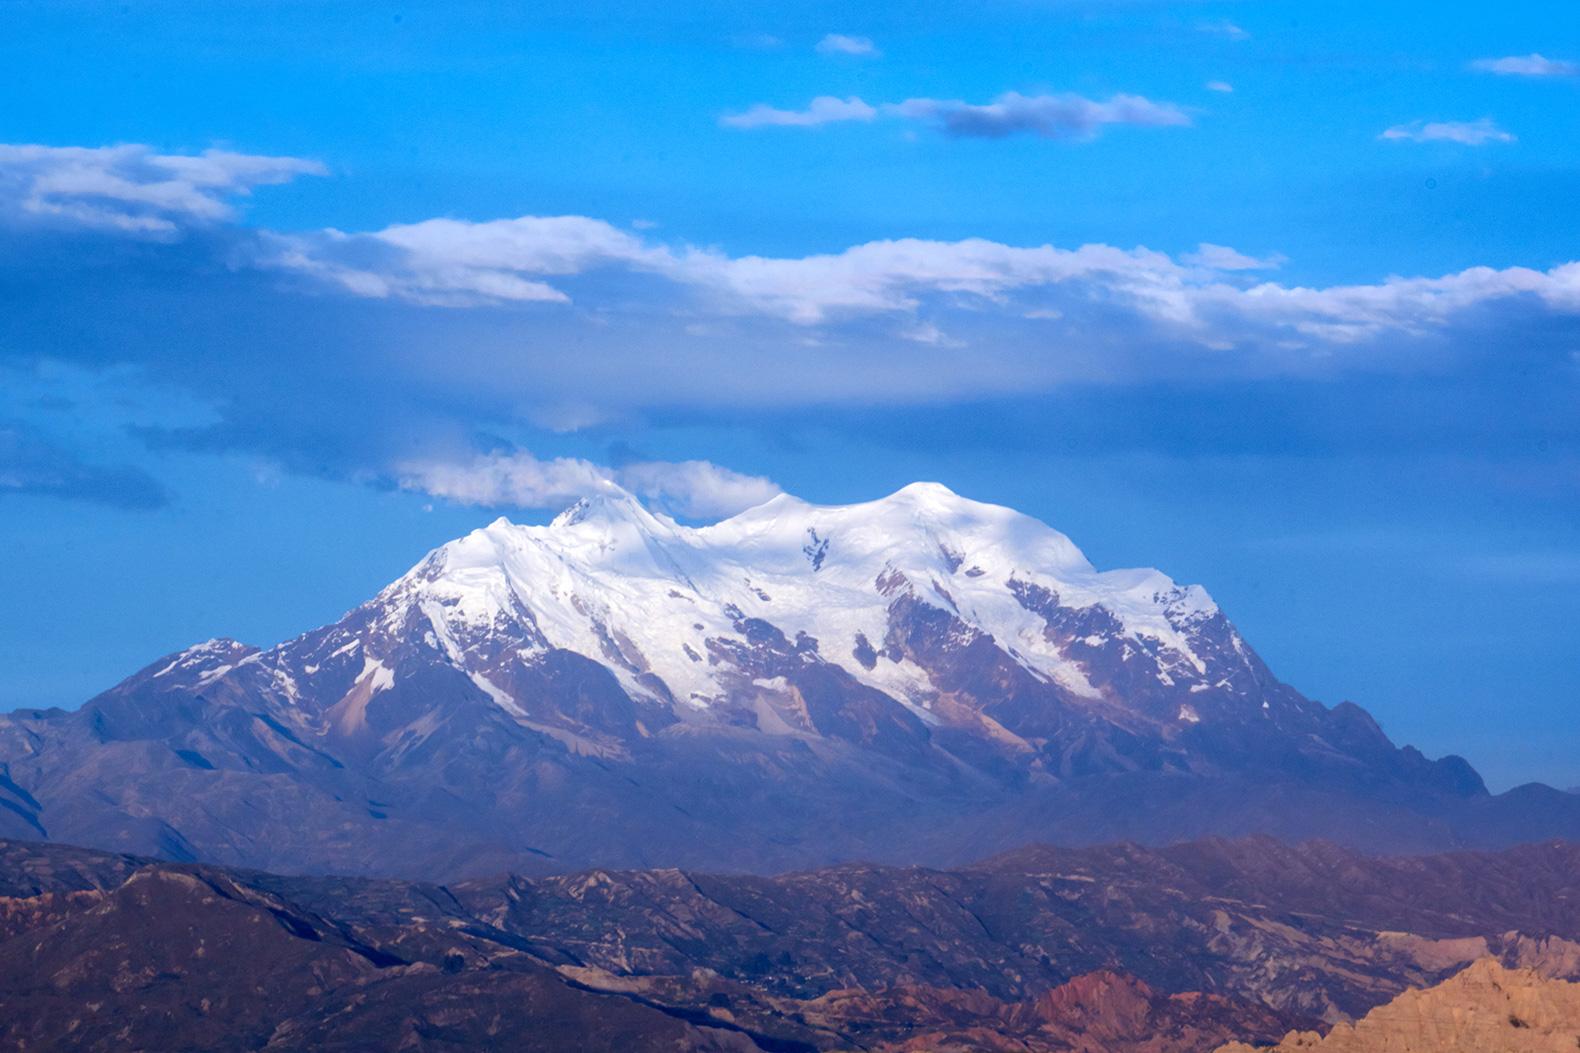 perierga.gr - Γιατί οι επιστήμονες θα μεταφέρουν πάγο από βουνό της Βολιβίας στην Ανταρκτική;